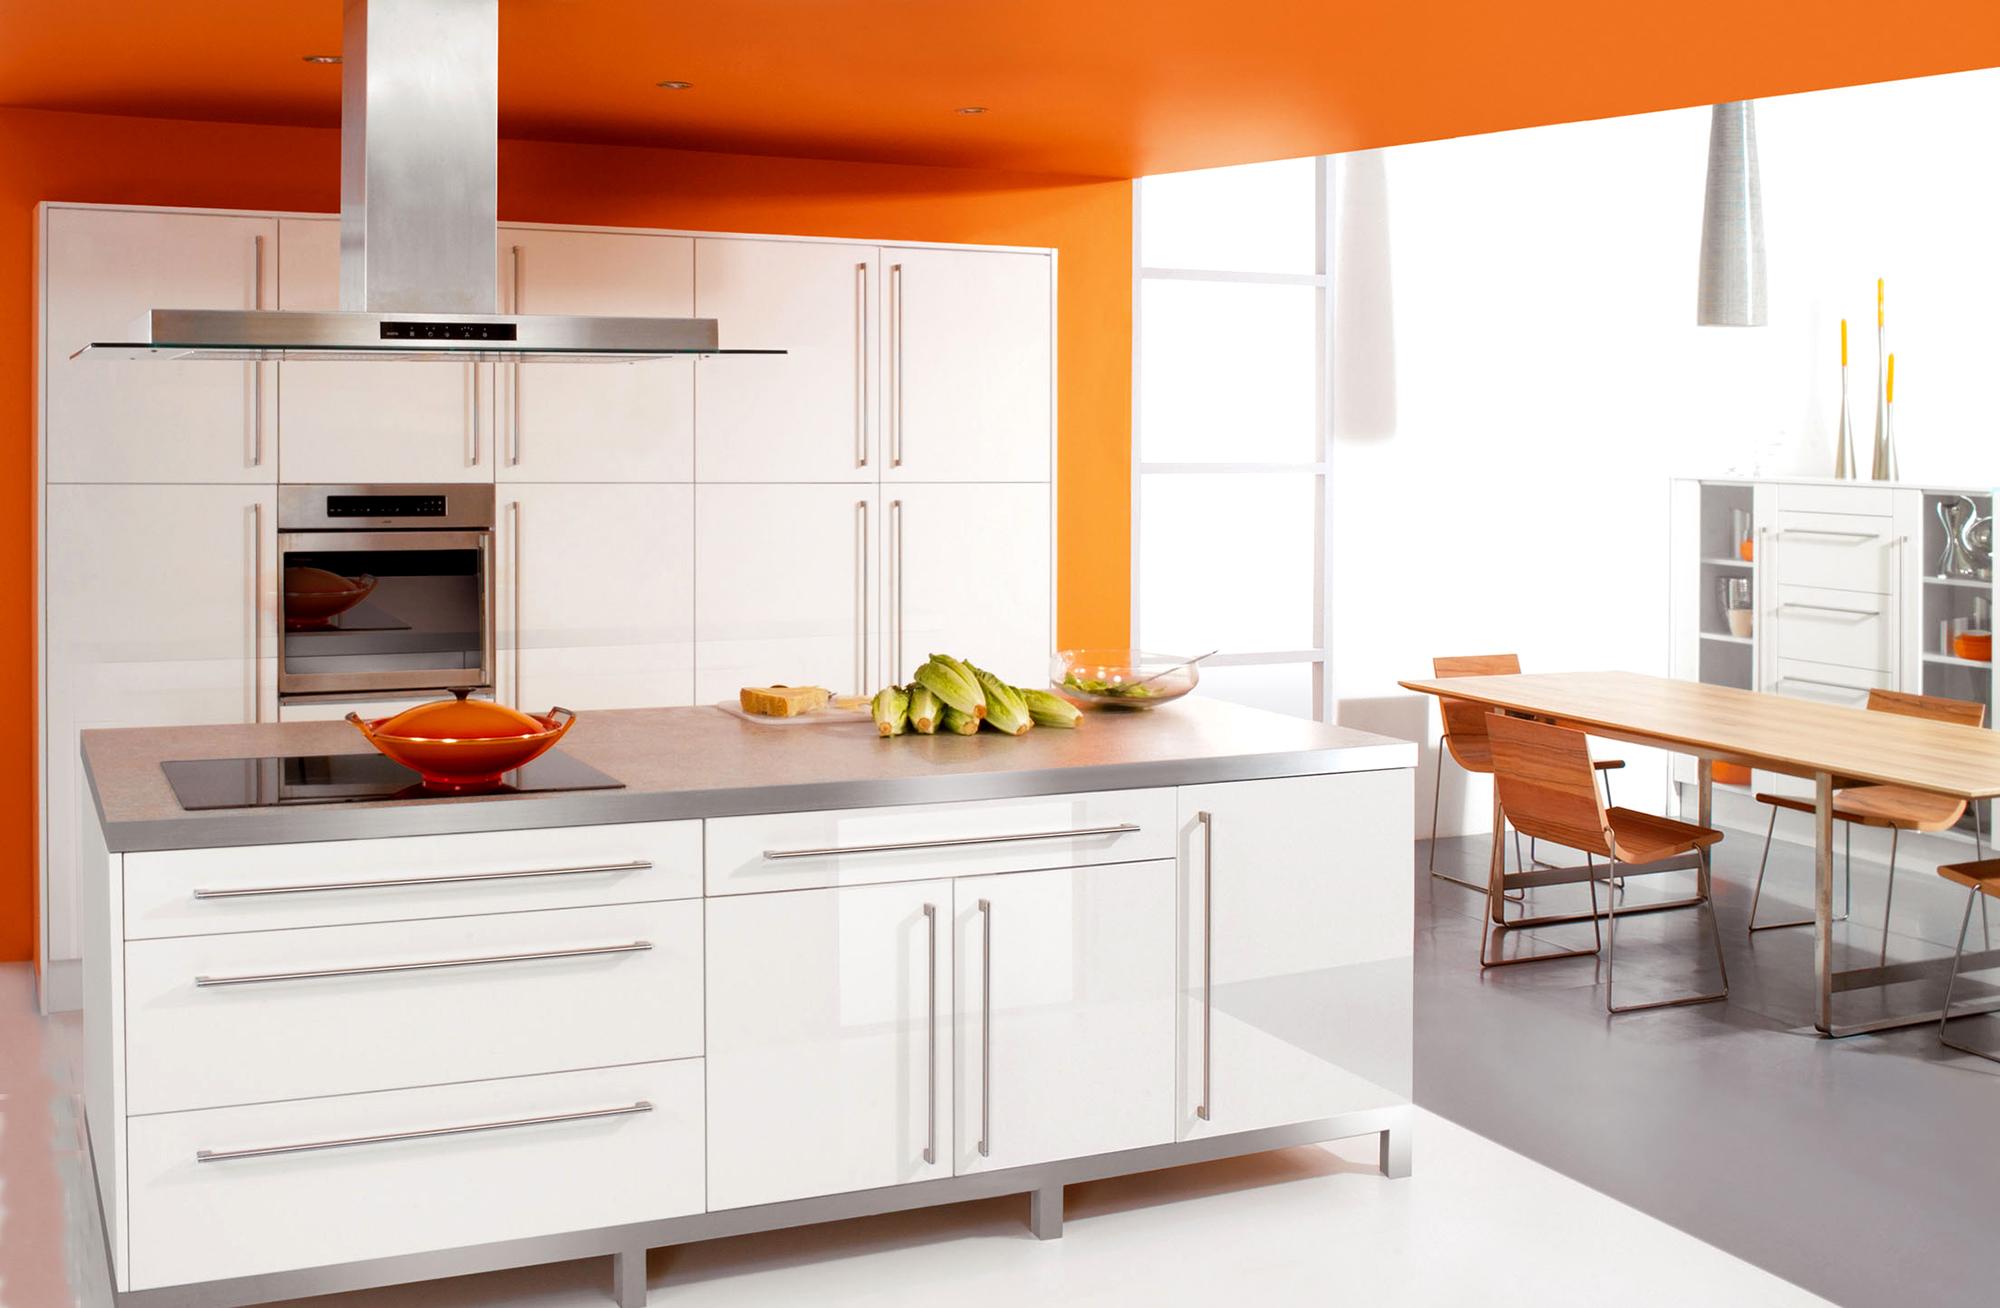 Бело-оранжевая стильная кухня